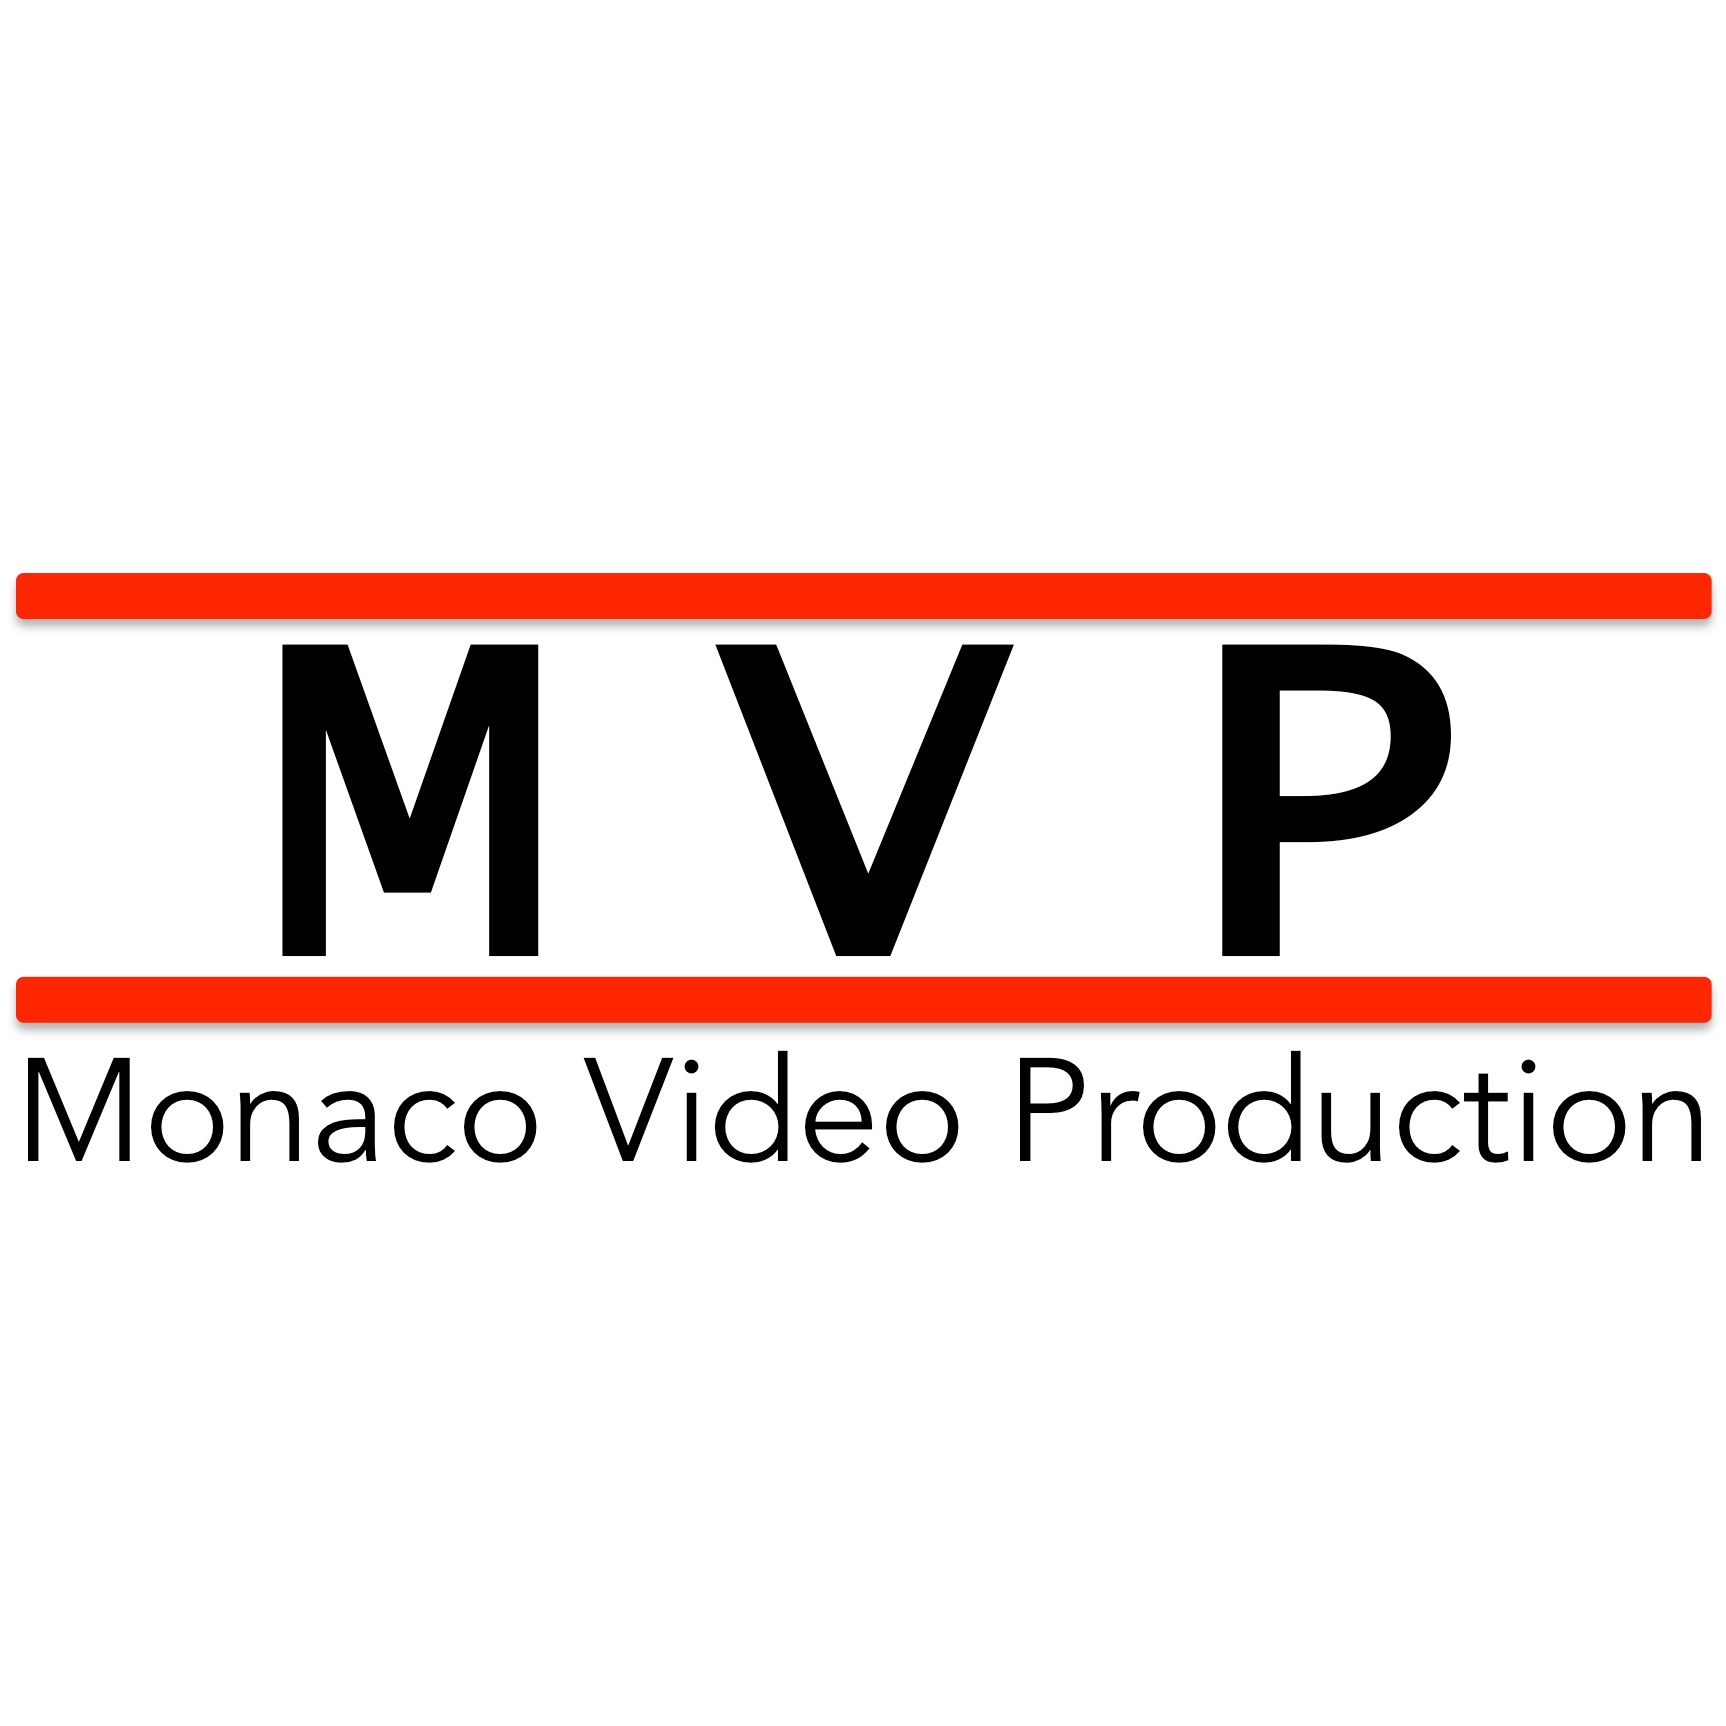 Monaco Video Production, Inc floor plan in Costa Mesa